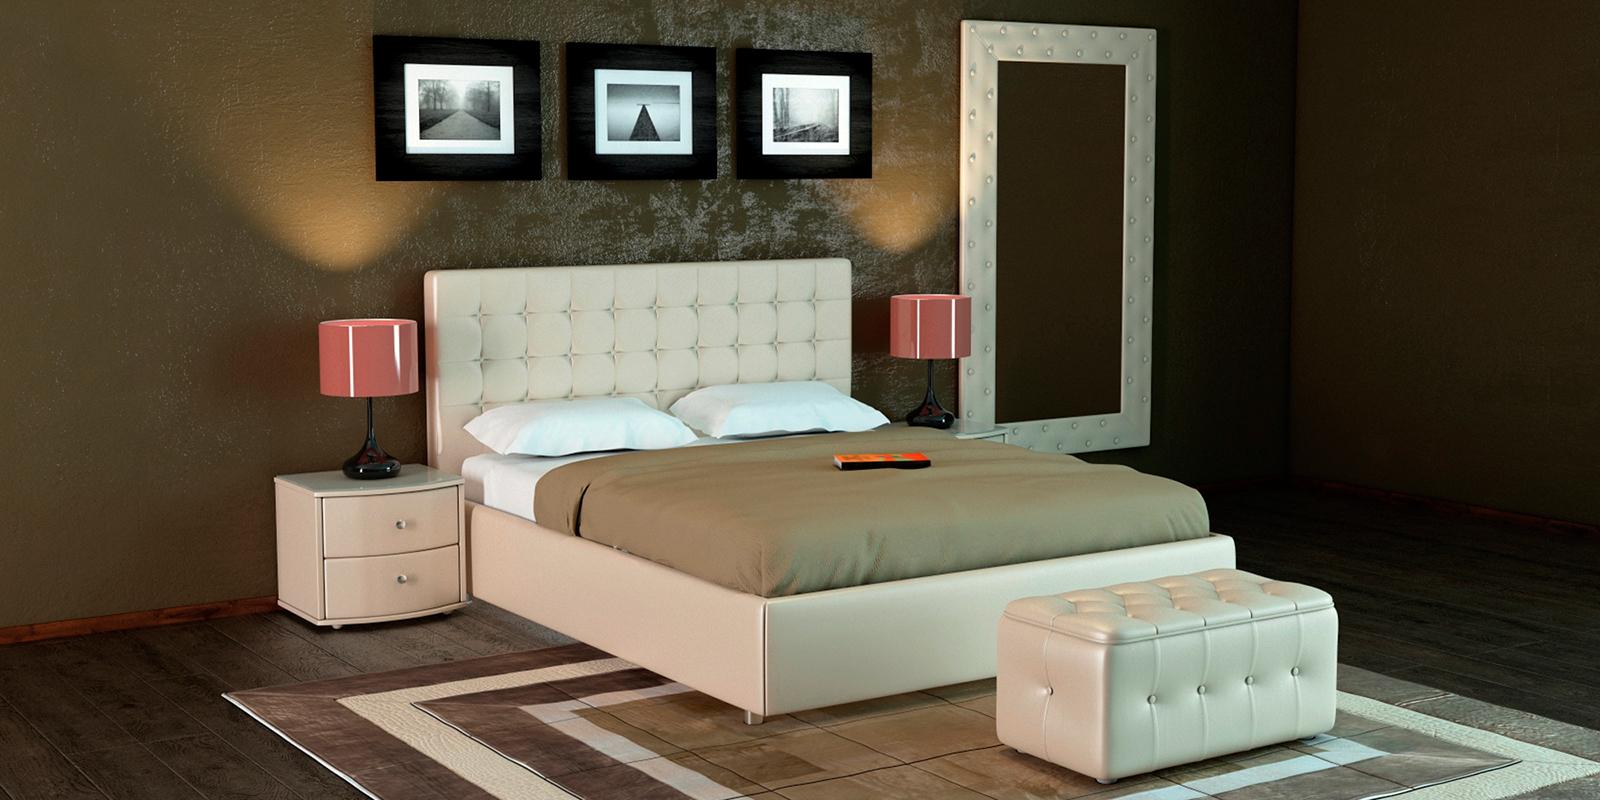 Купить Мягкая кровать 200х160 Малибу вариант №3 с ортопедическим основанием (Бежевый), HomeMe